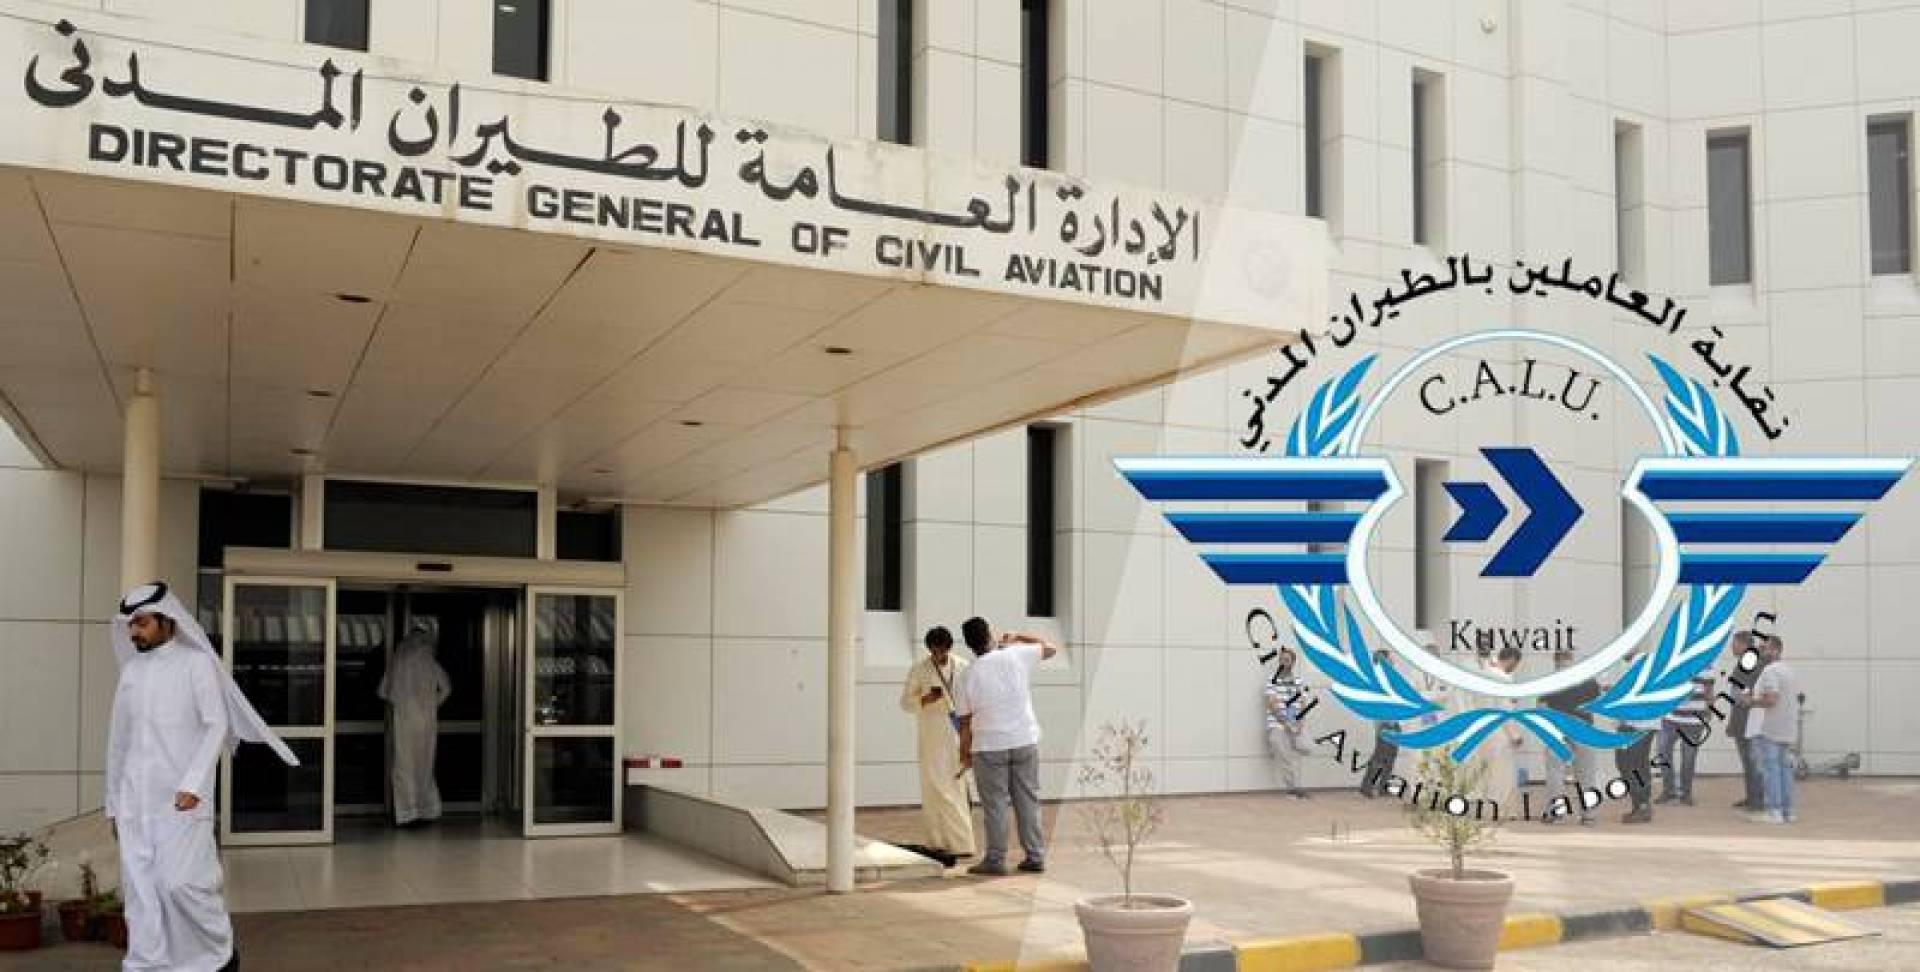 نقابة الطيران المدني تجدد المطالب